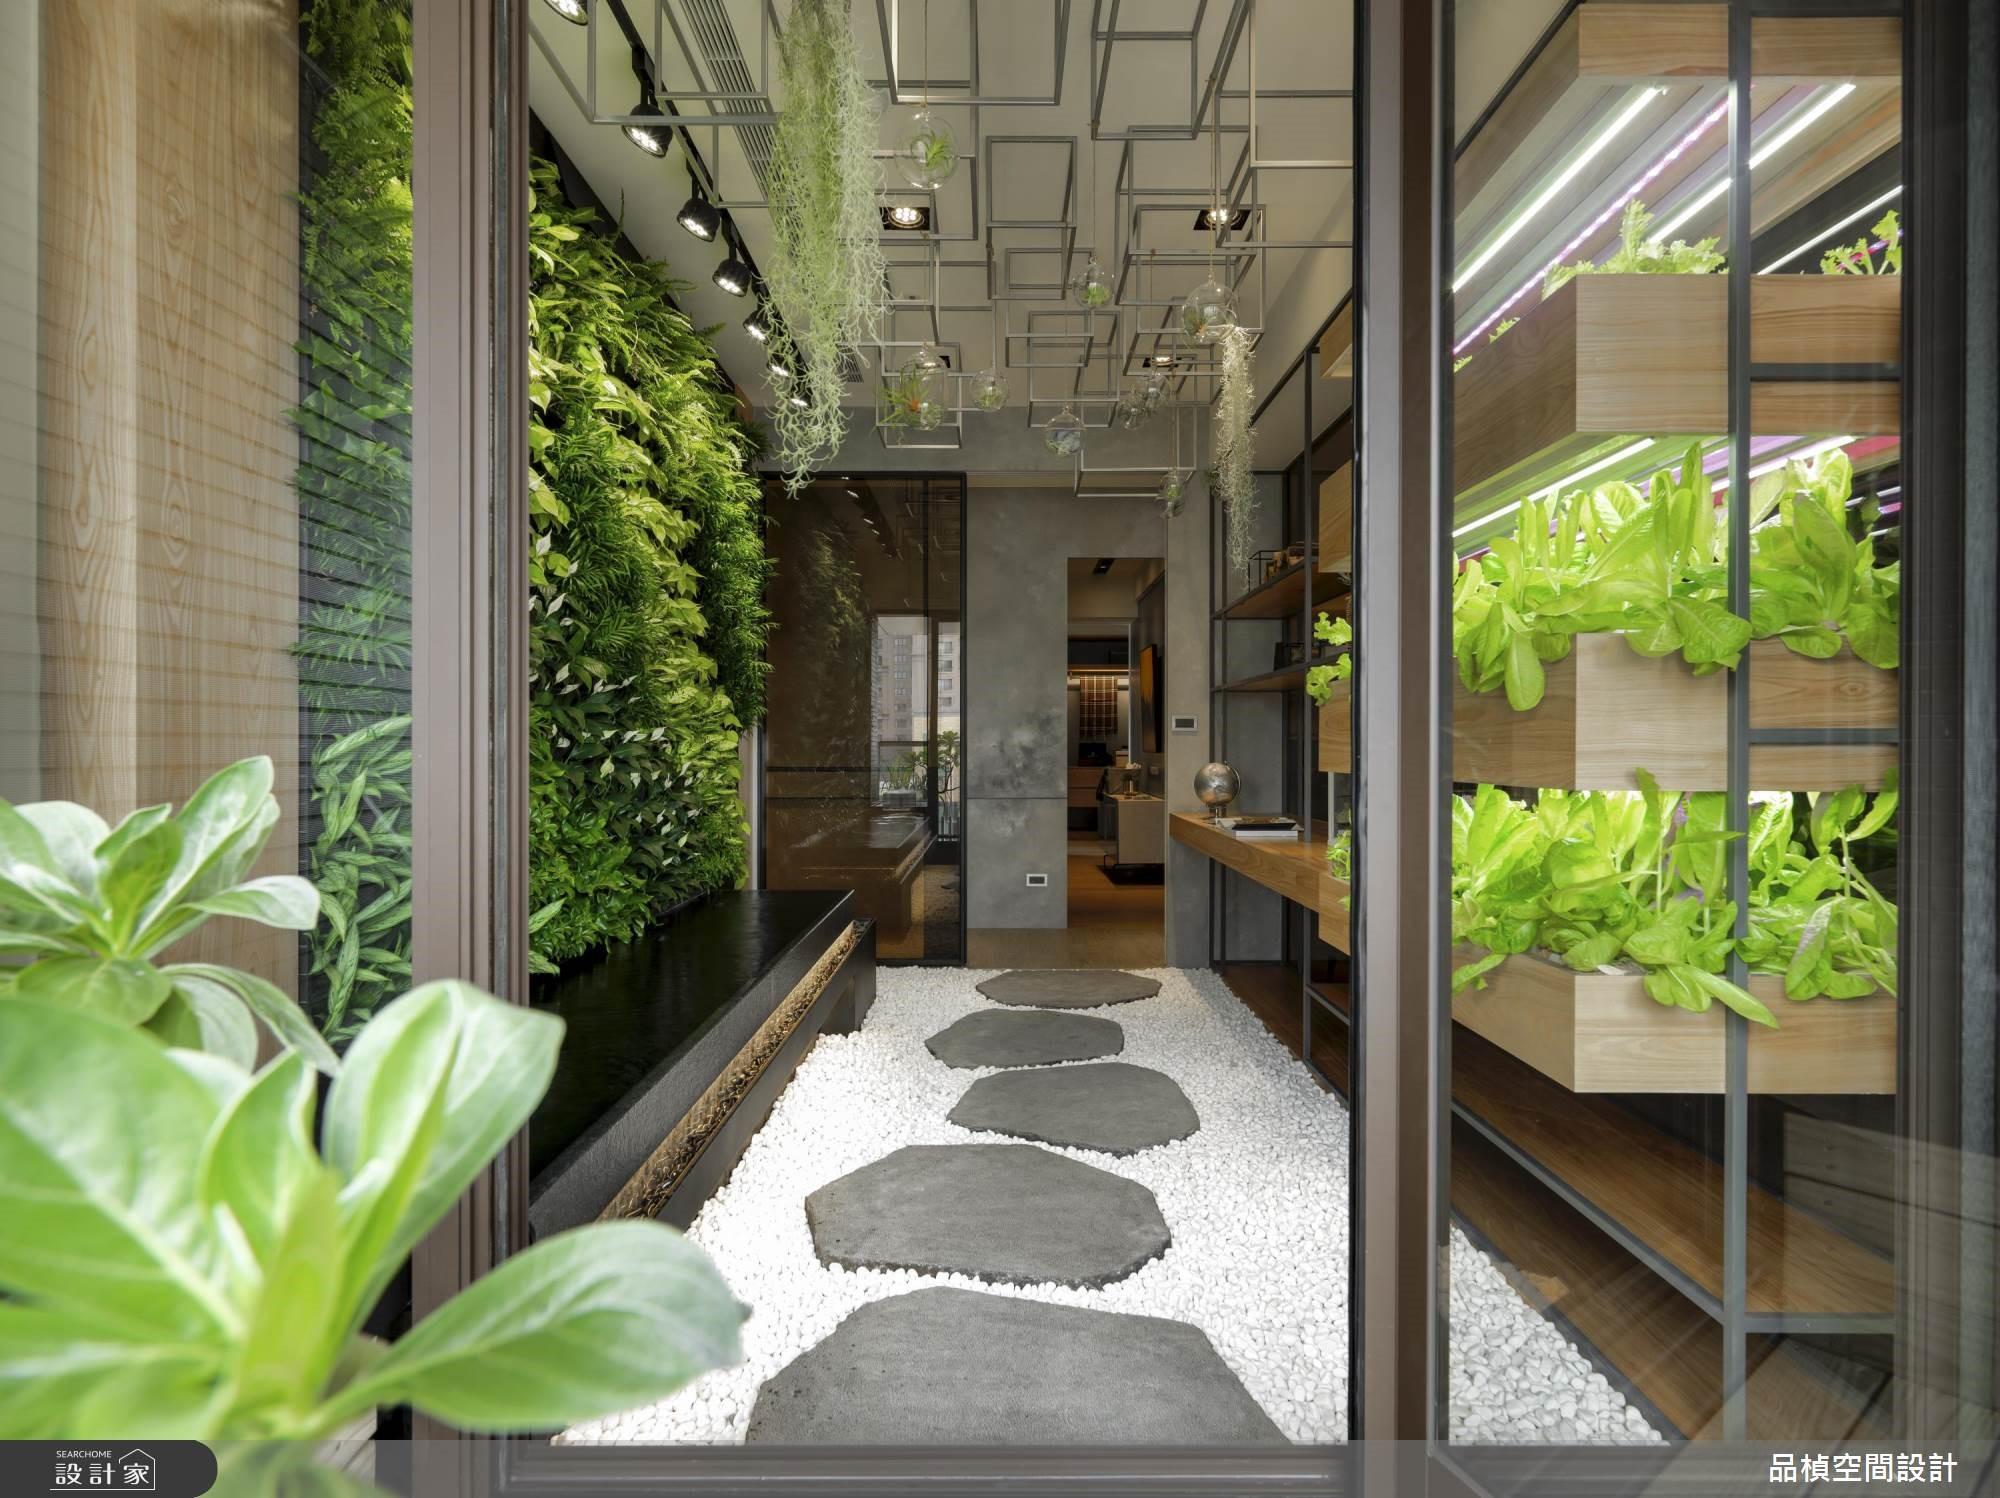 自然元素带回家,让室内充满绿意的好设计